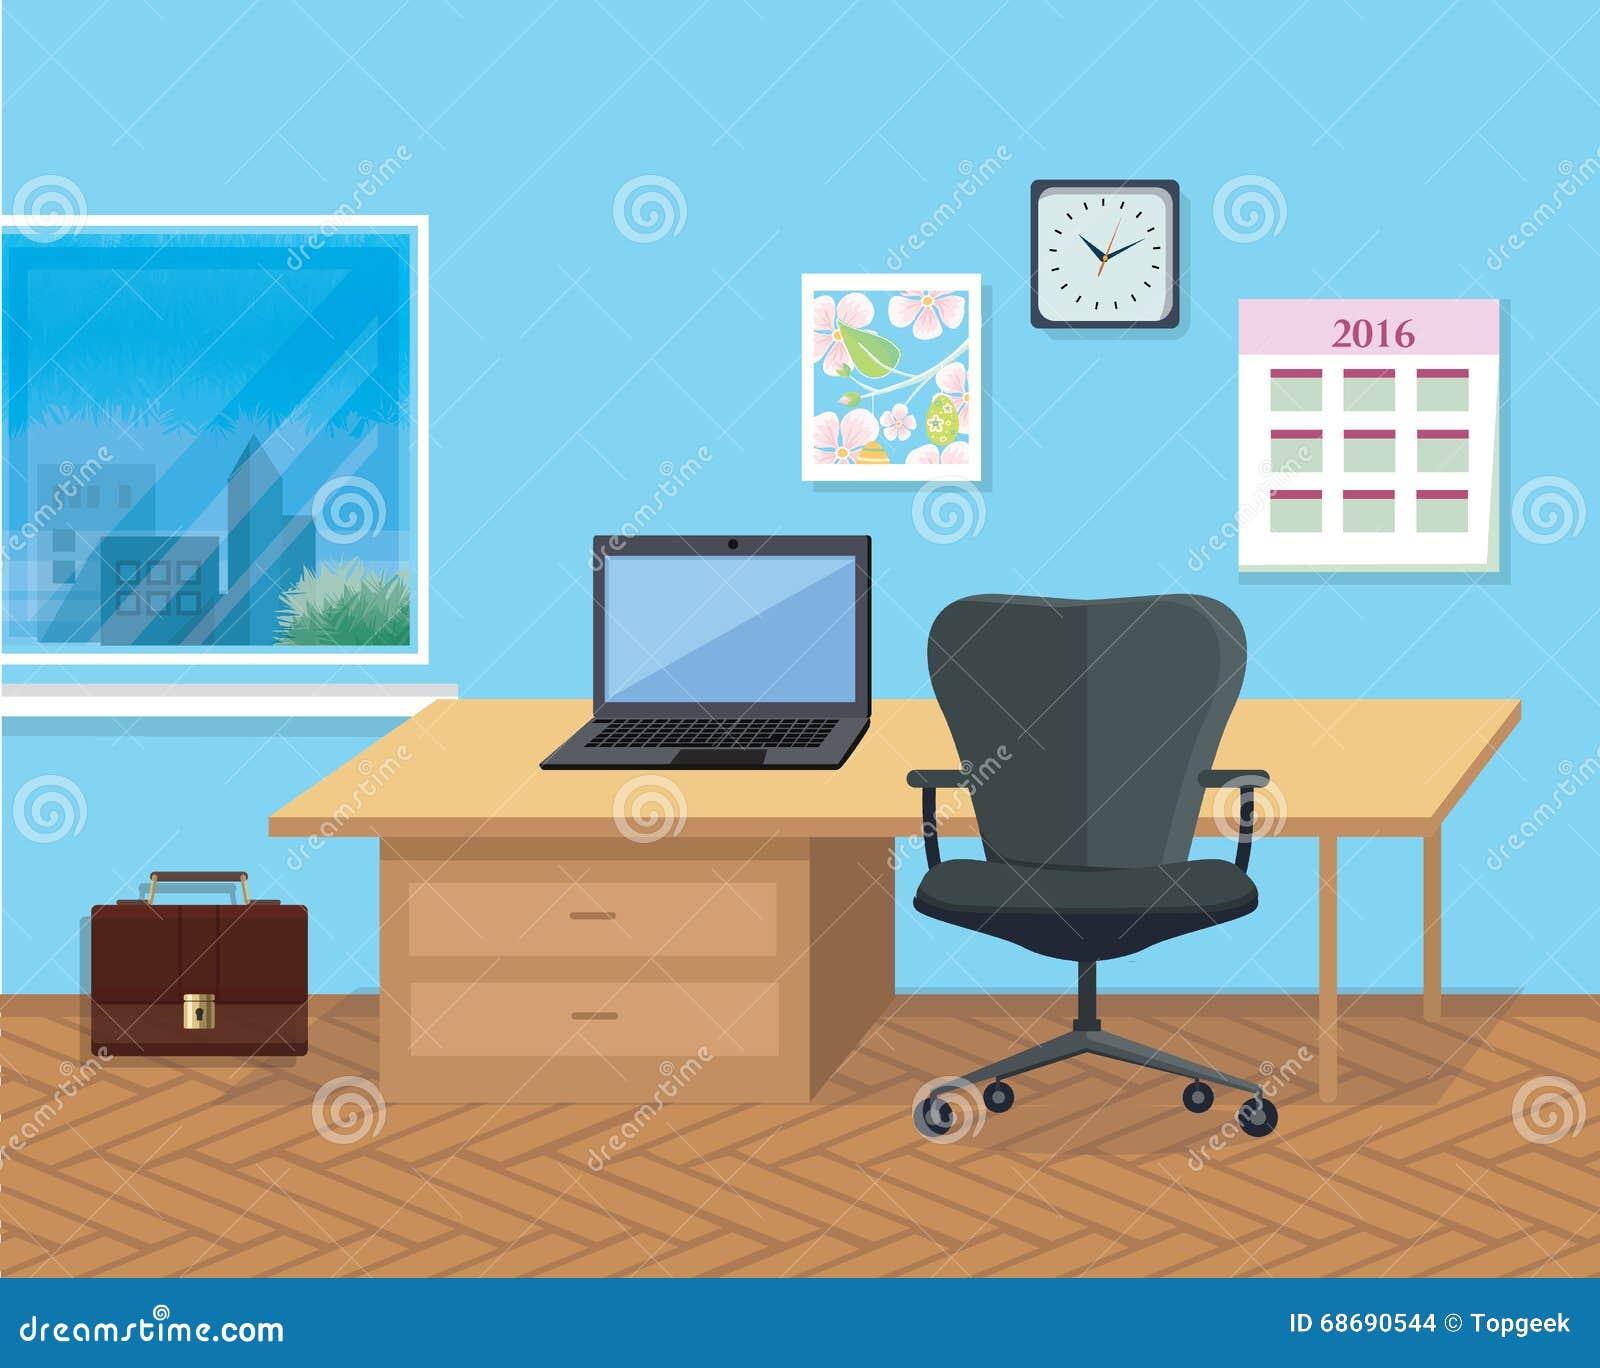 Stanza interna dell 39 ufficio illustrazione per il disegno for Disegno stanza